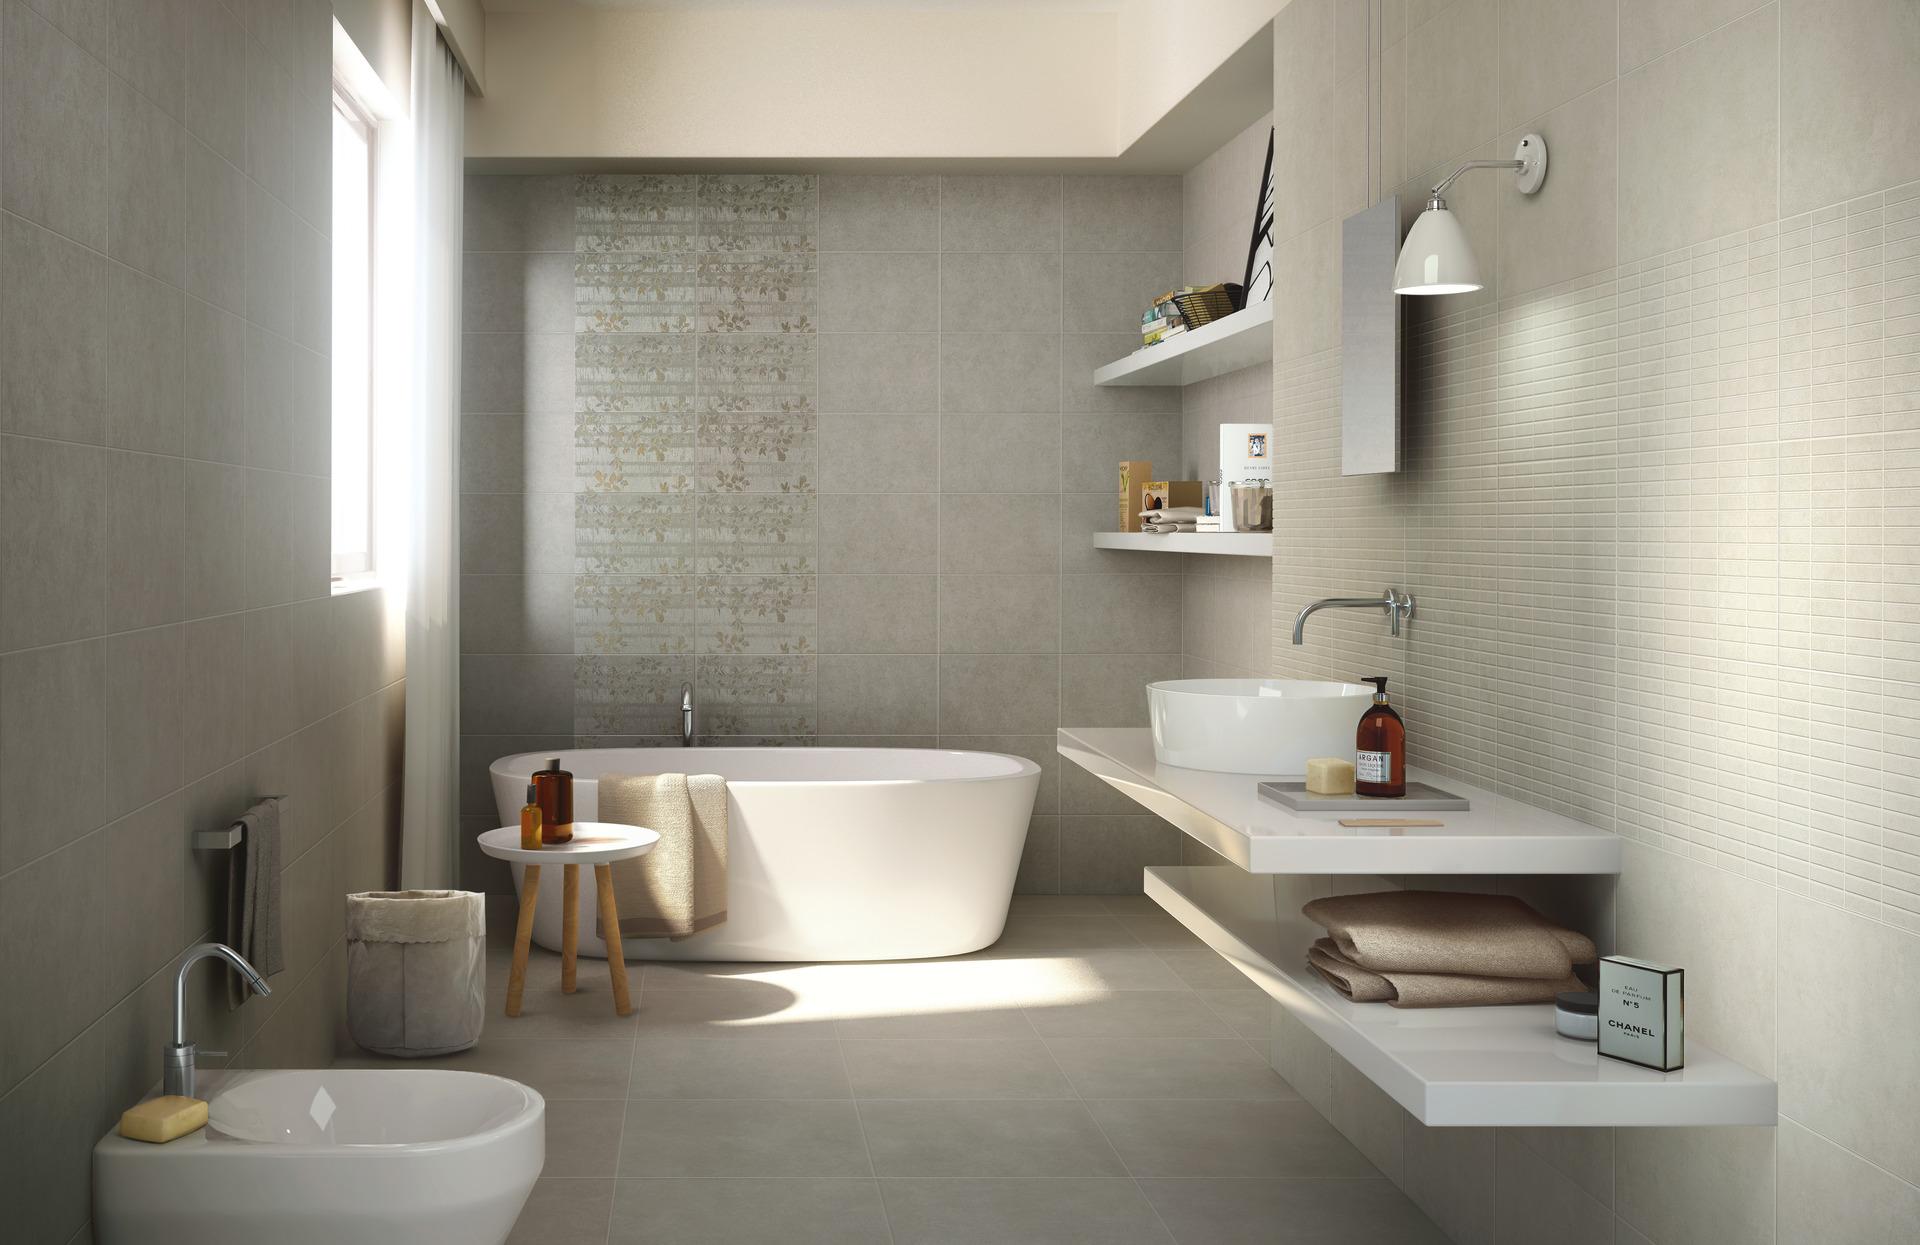 Collezione casablanca ceramica per bagno e cucina ragno - Colori piastrelle bagno ...